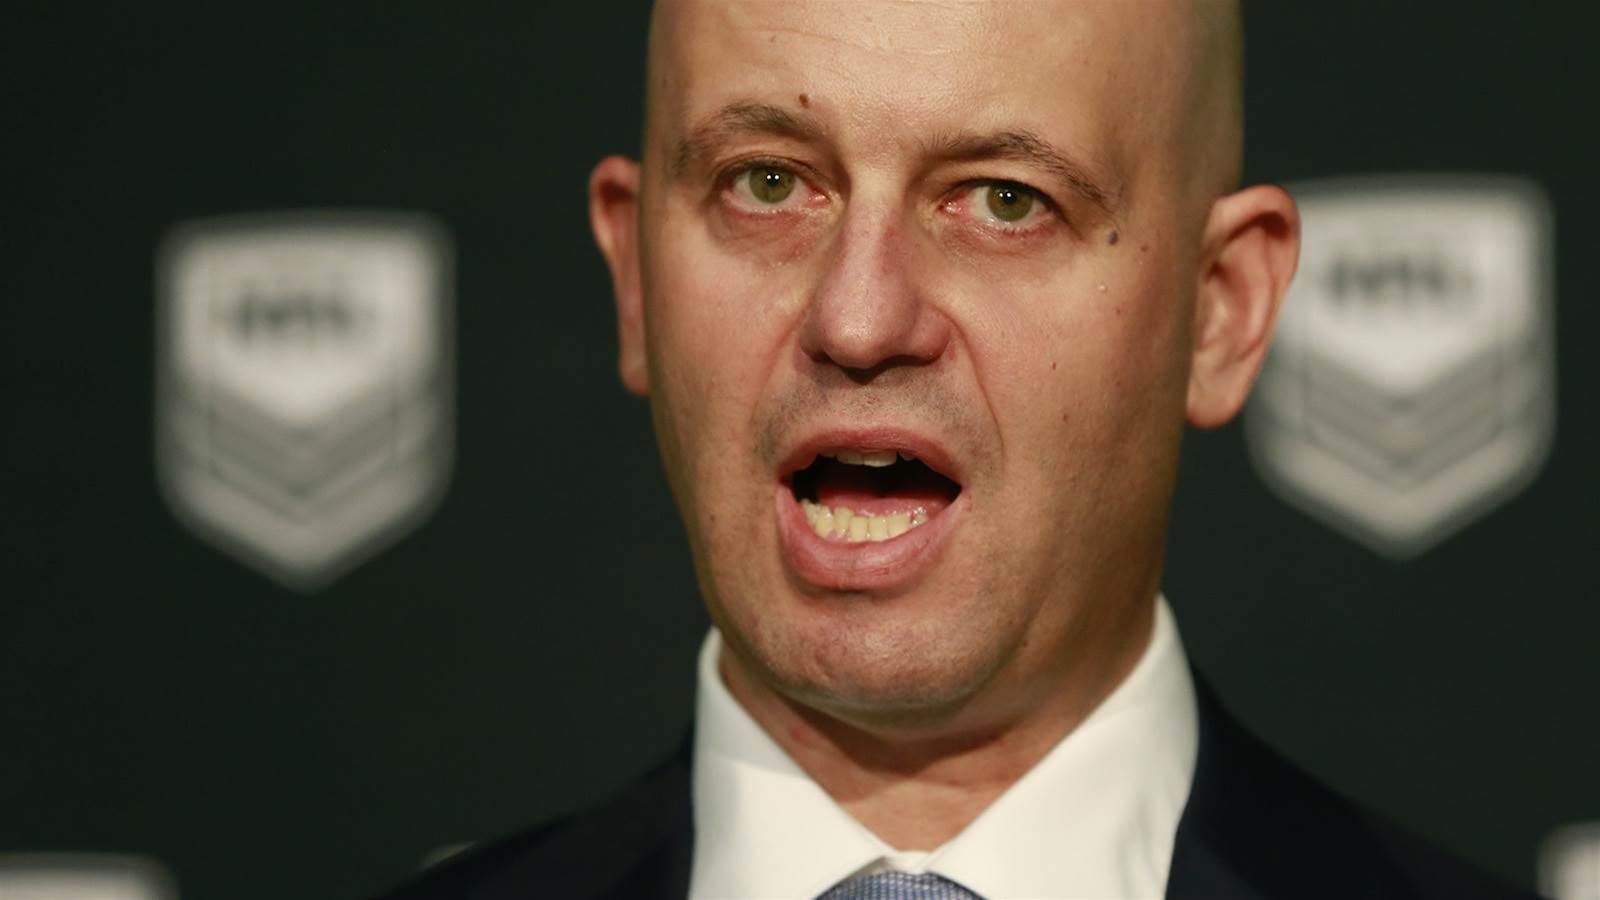 'Never again' - NRL crackdown after off-season of shame